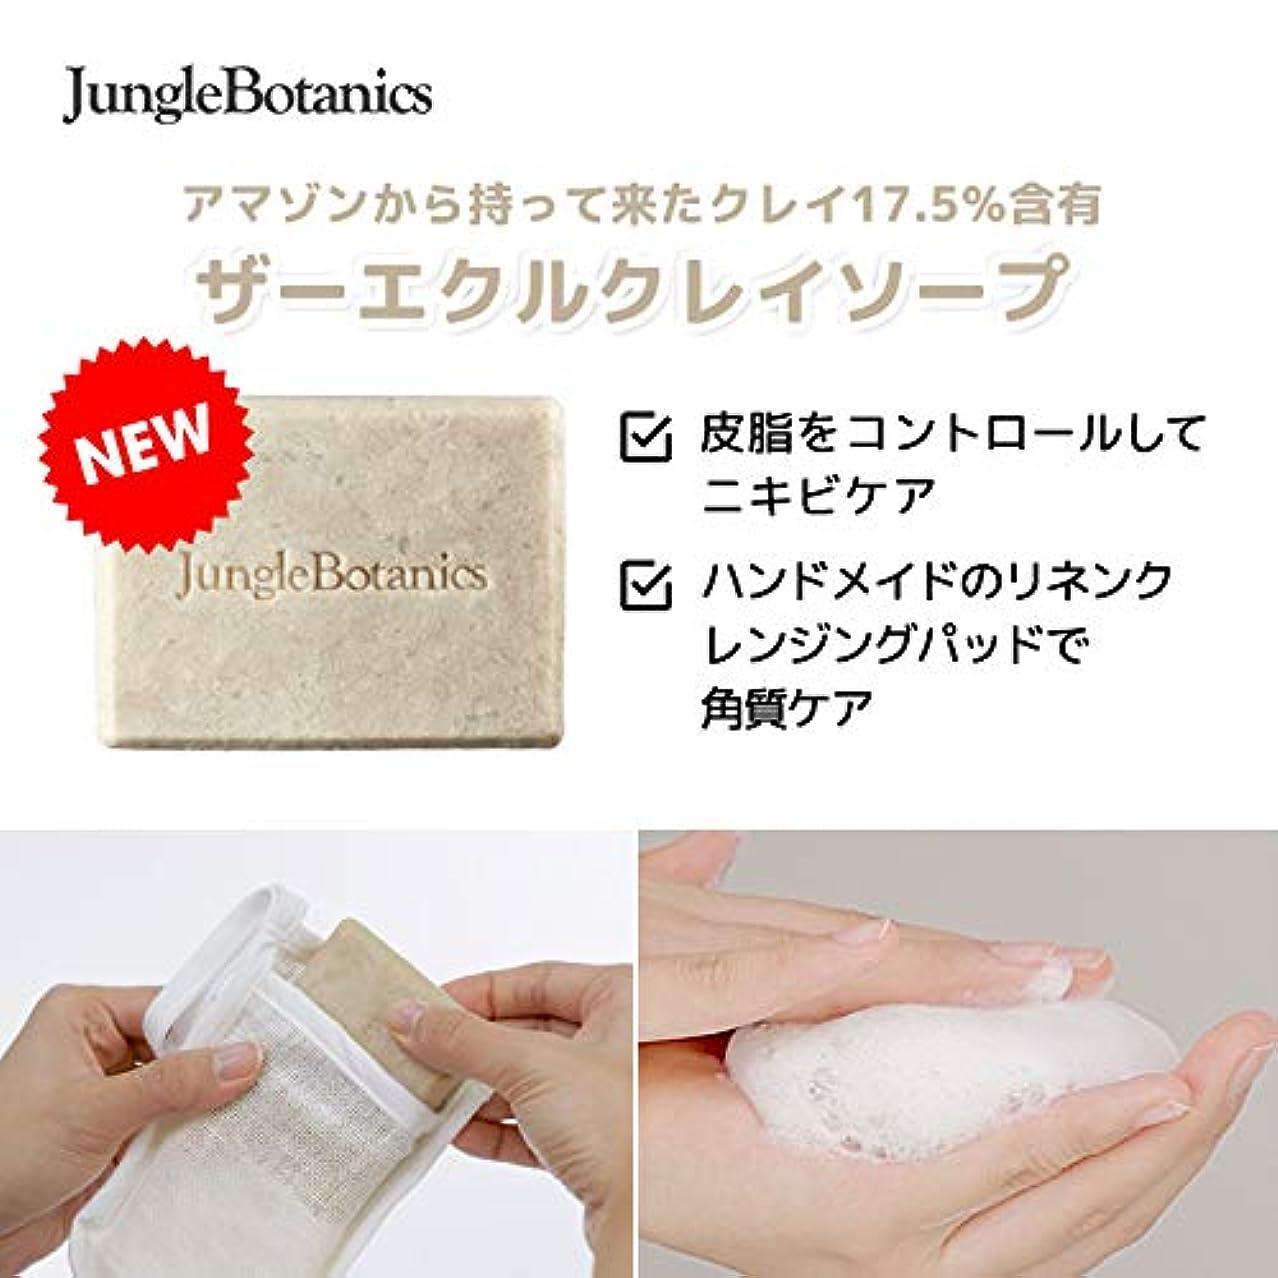 オリエンテーション劇的発火する[JUNGLE BOTANICS] ザーエクルクレイソープ110g, [JUNGLE BOTANICS] The Ecru Clay Soap 110g [並行輸入品] …